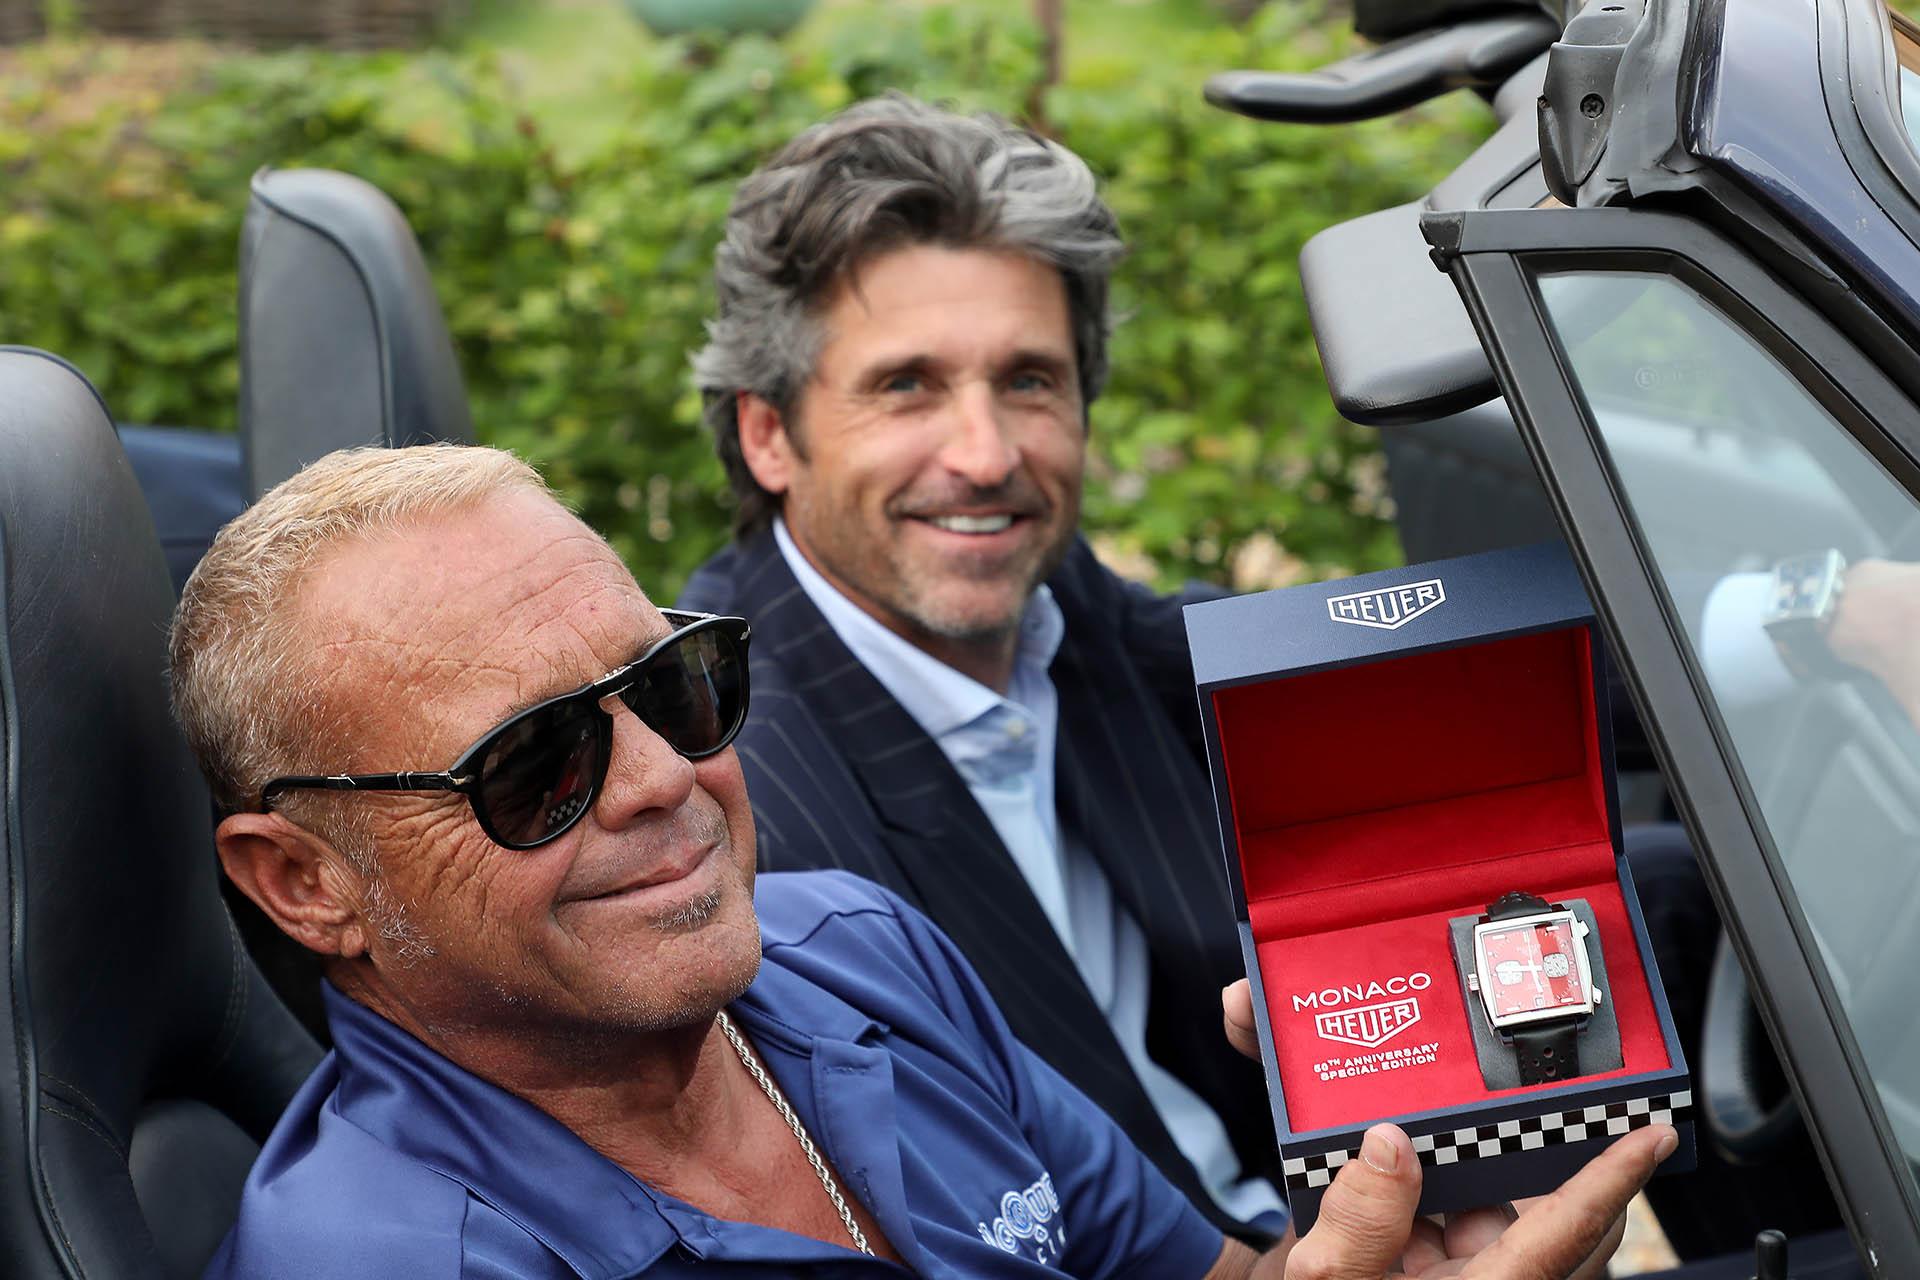 TAG-Heuer-Testimonial Patrick Dempsey und Chad McQueen, der Sohn des Schauspielers Steve McQueen, bei der Präsentation der zweiten Jubiläumsedition der TAG Heuer Monaco in Le Mans.